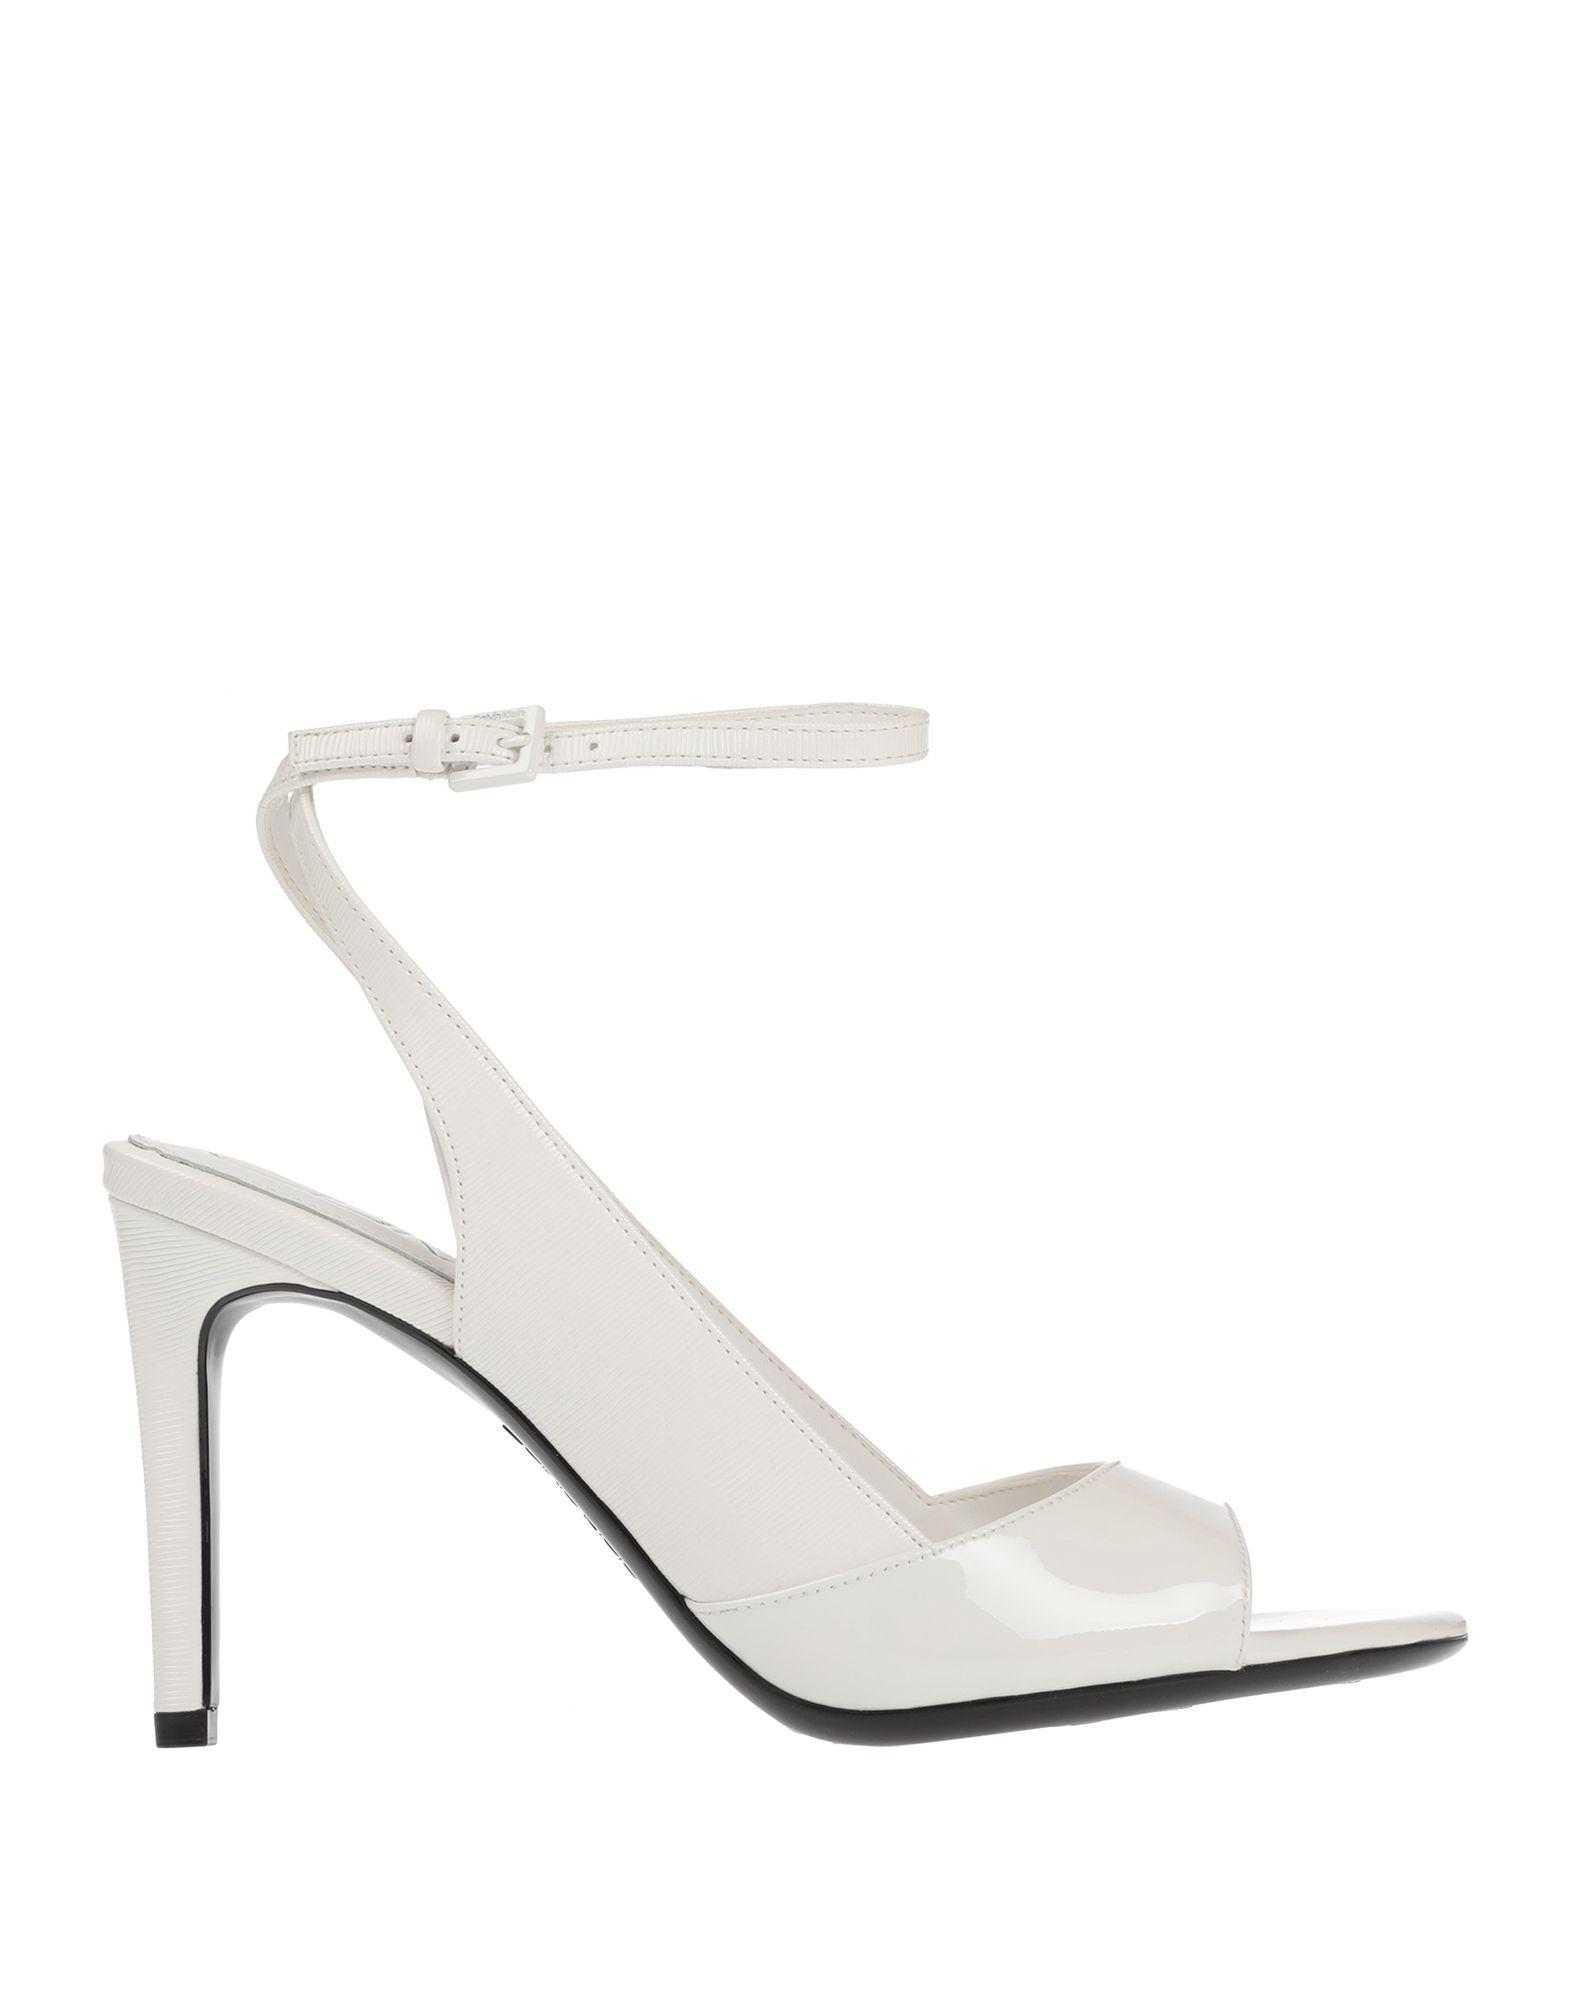 CALVIN KLEIN Sandals - Item 11857381